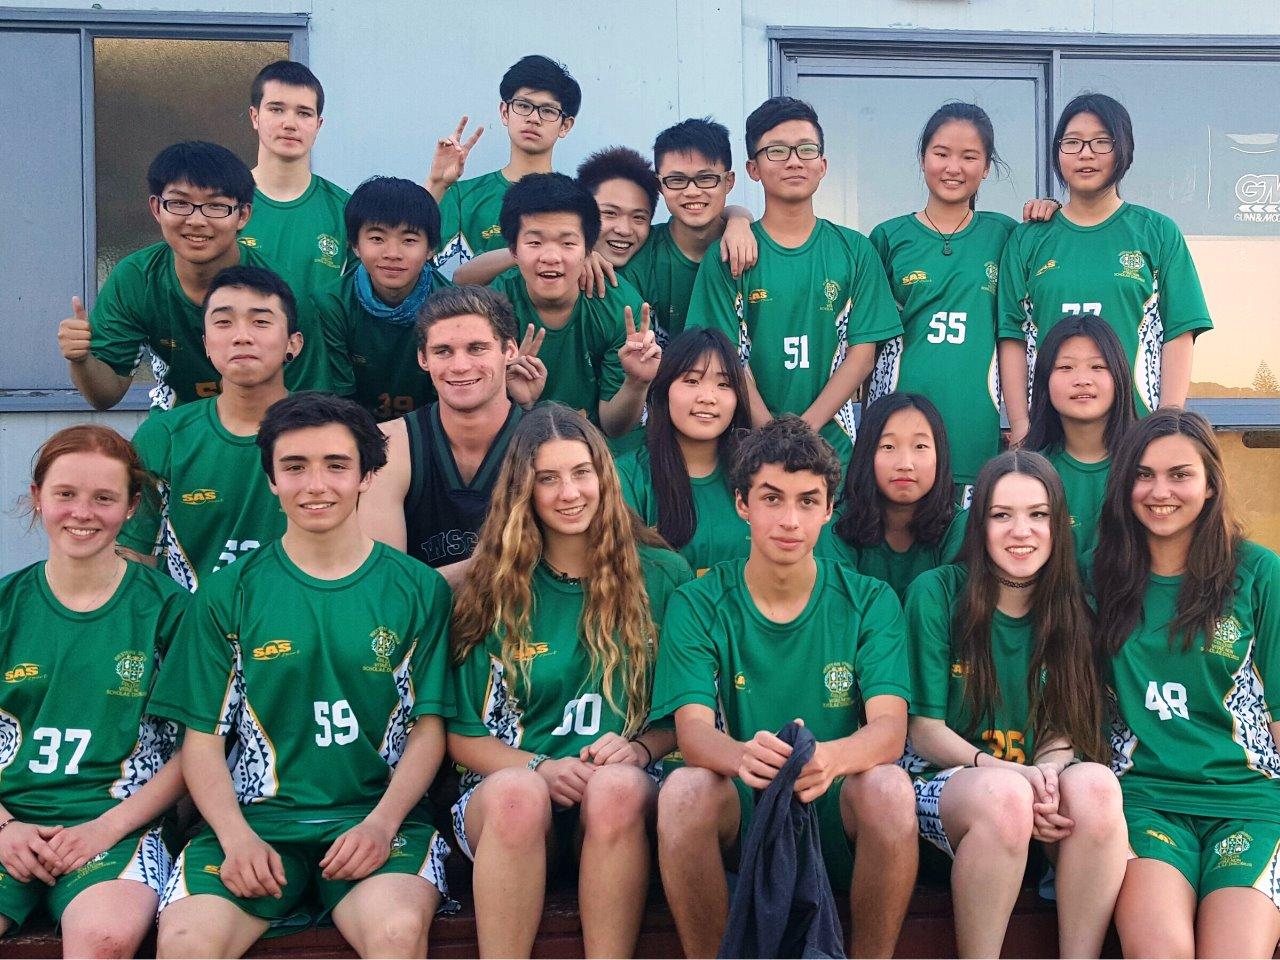 ニュージーランド高校留学 オークランド 公立共学 ウエスタンスプリングスカレッジ Western Springs College ホームステイ 日本人サポート